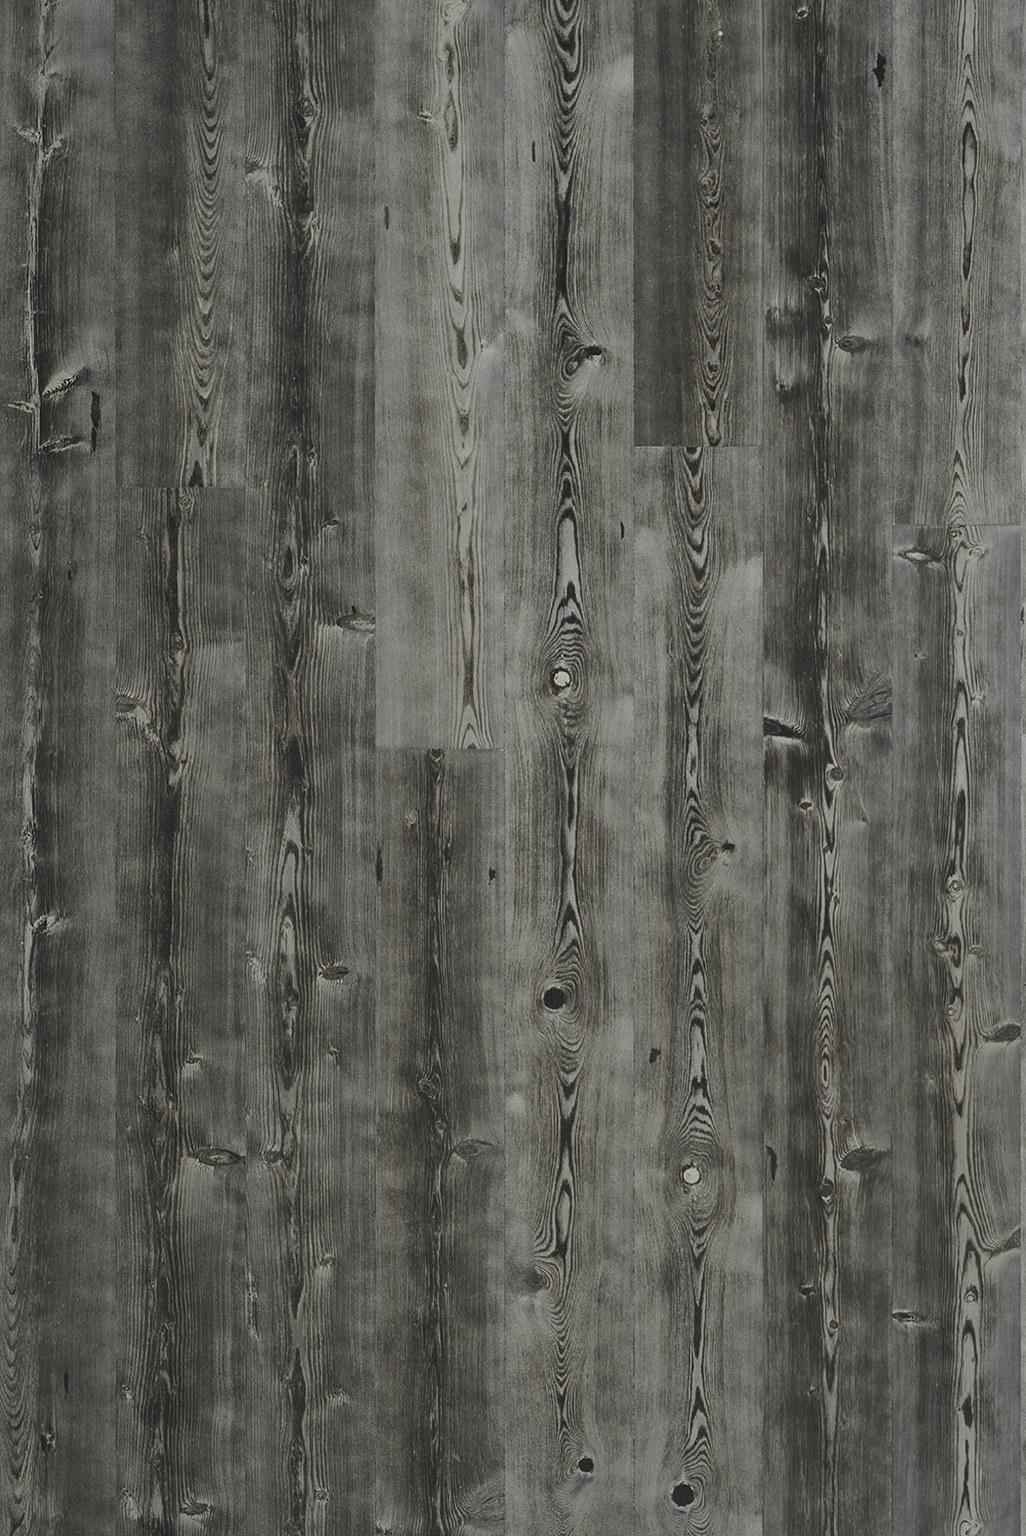 Timberwise Parketti Lankkuparketti Puulattia Wooden Floor Parquet Plank Lehtikuusi Vintage Kelo 2D1